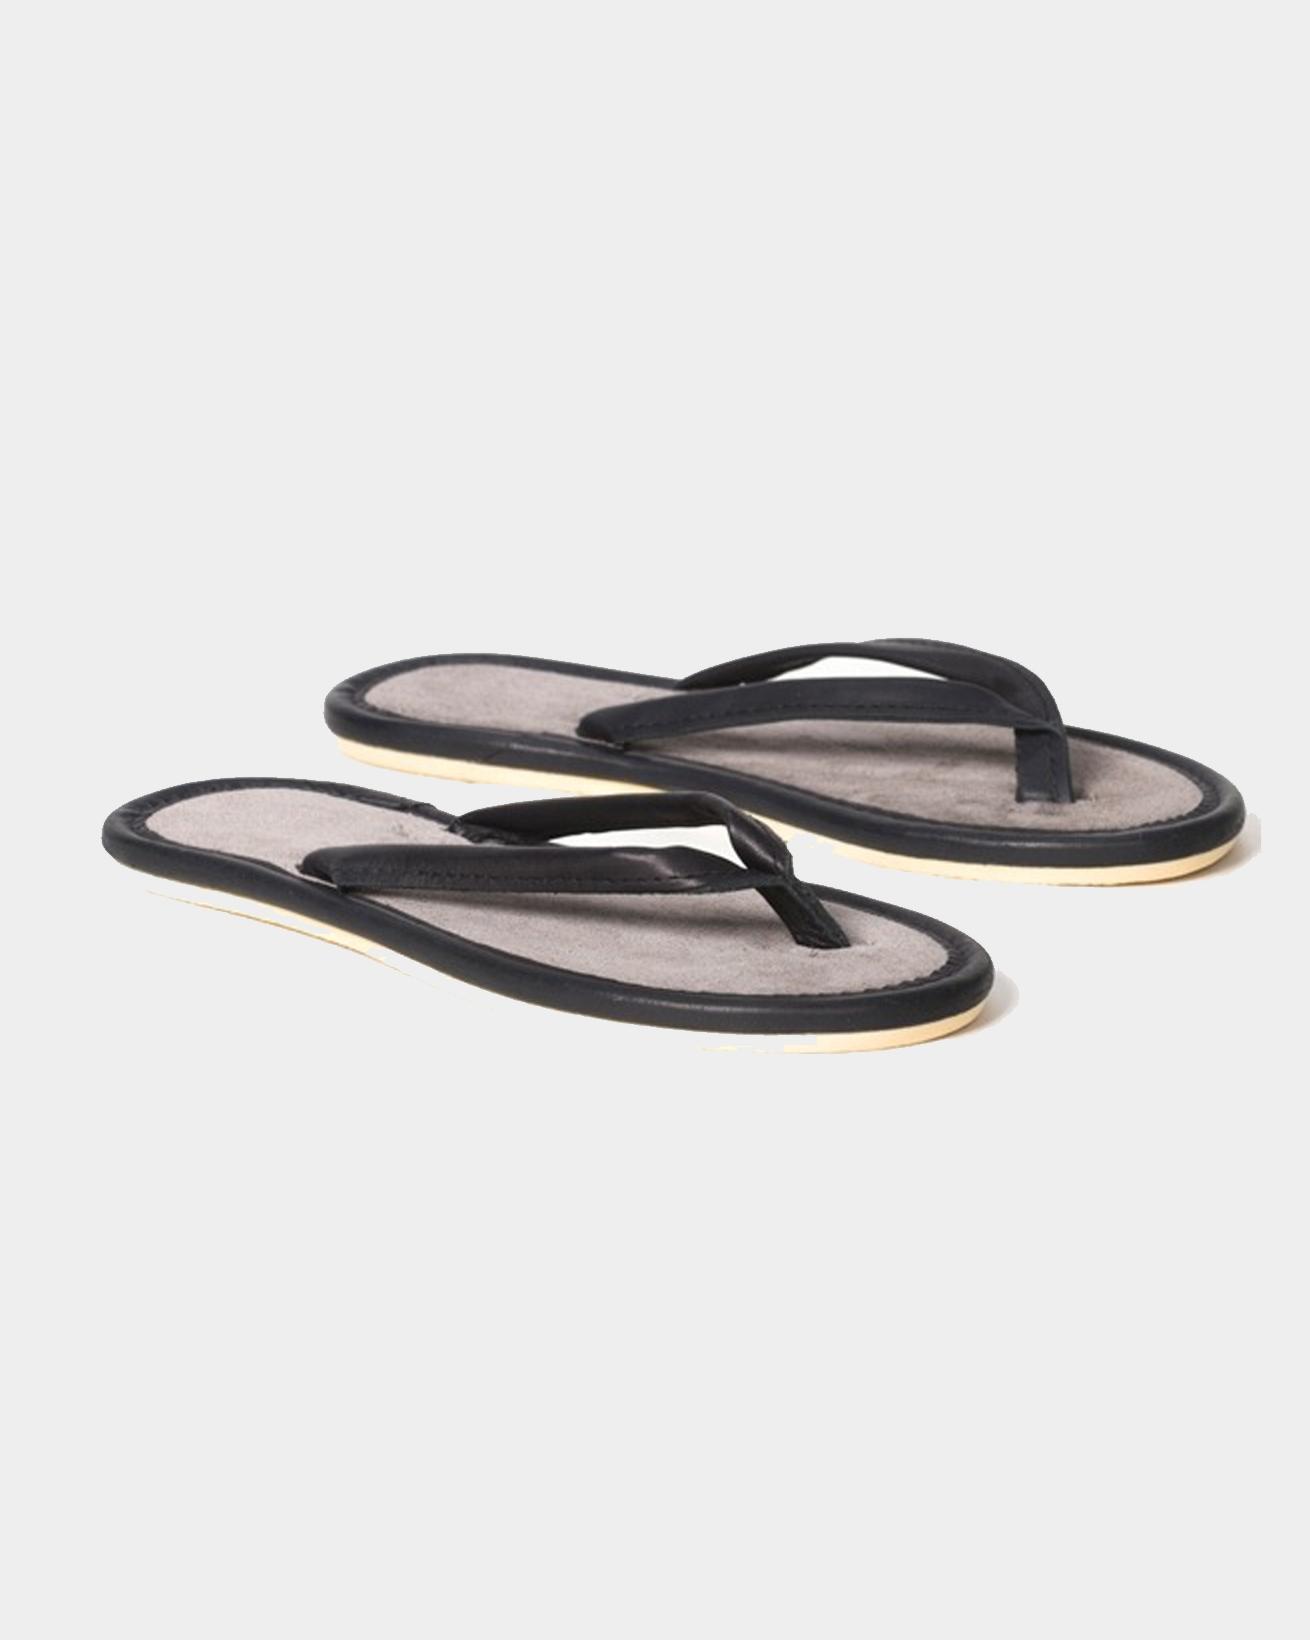 2501-nubuck-suede-flip-flops-black-1.jpg